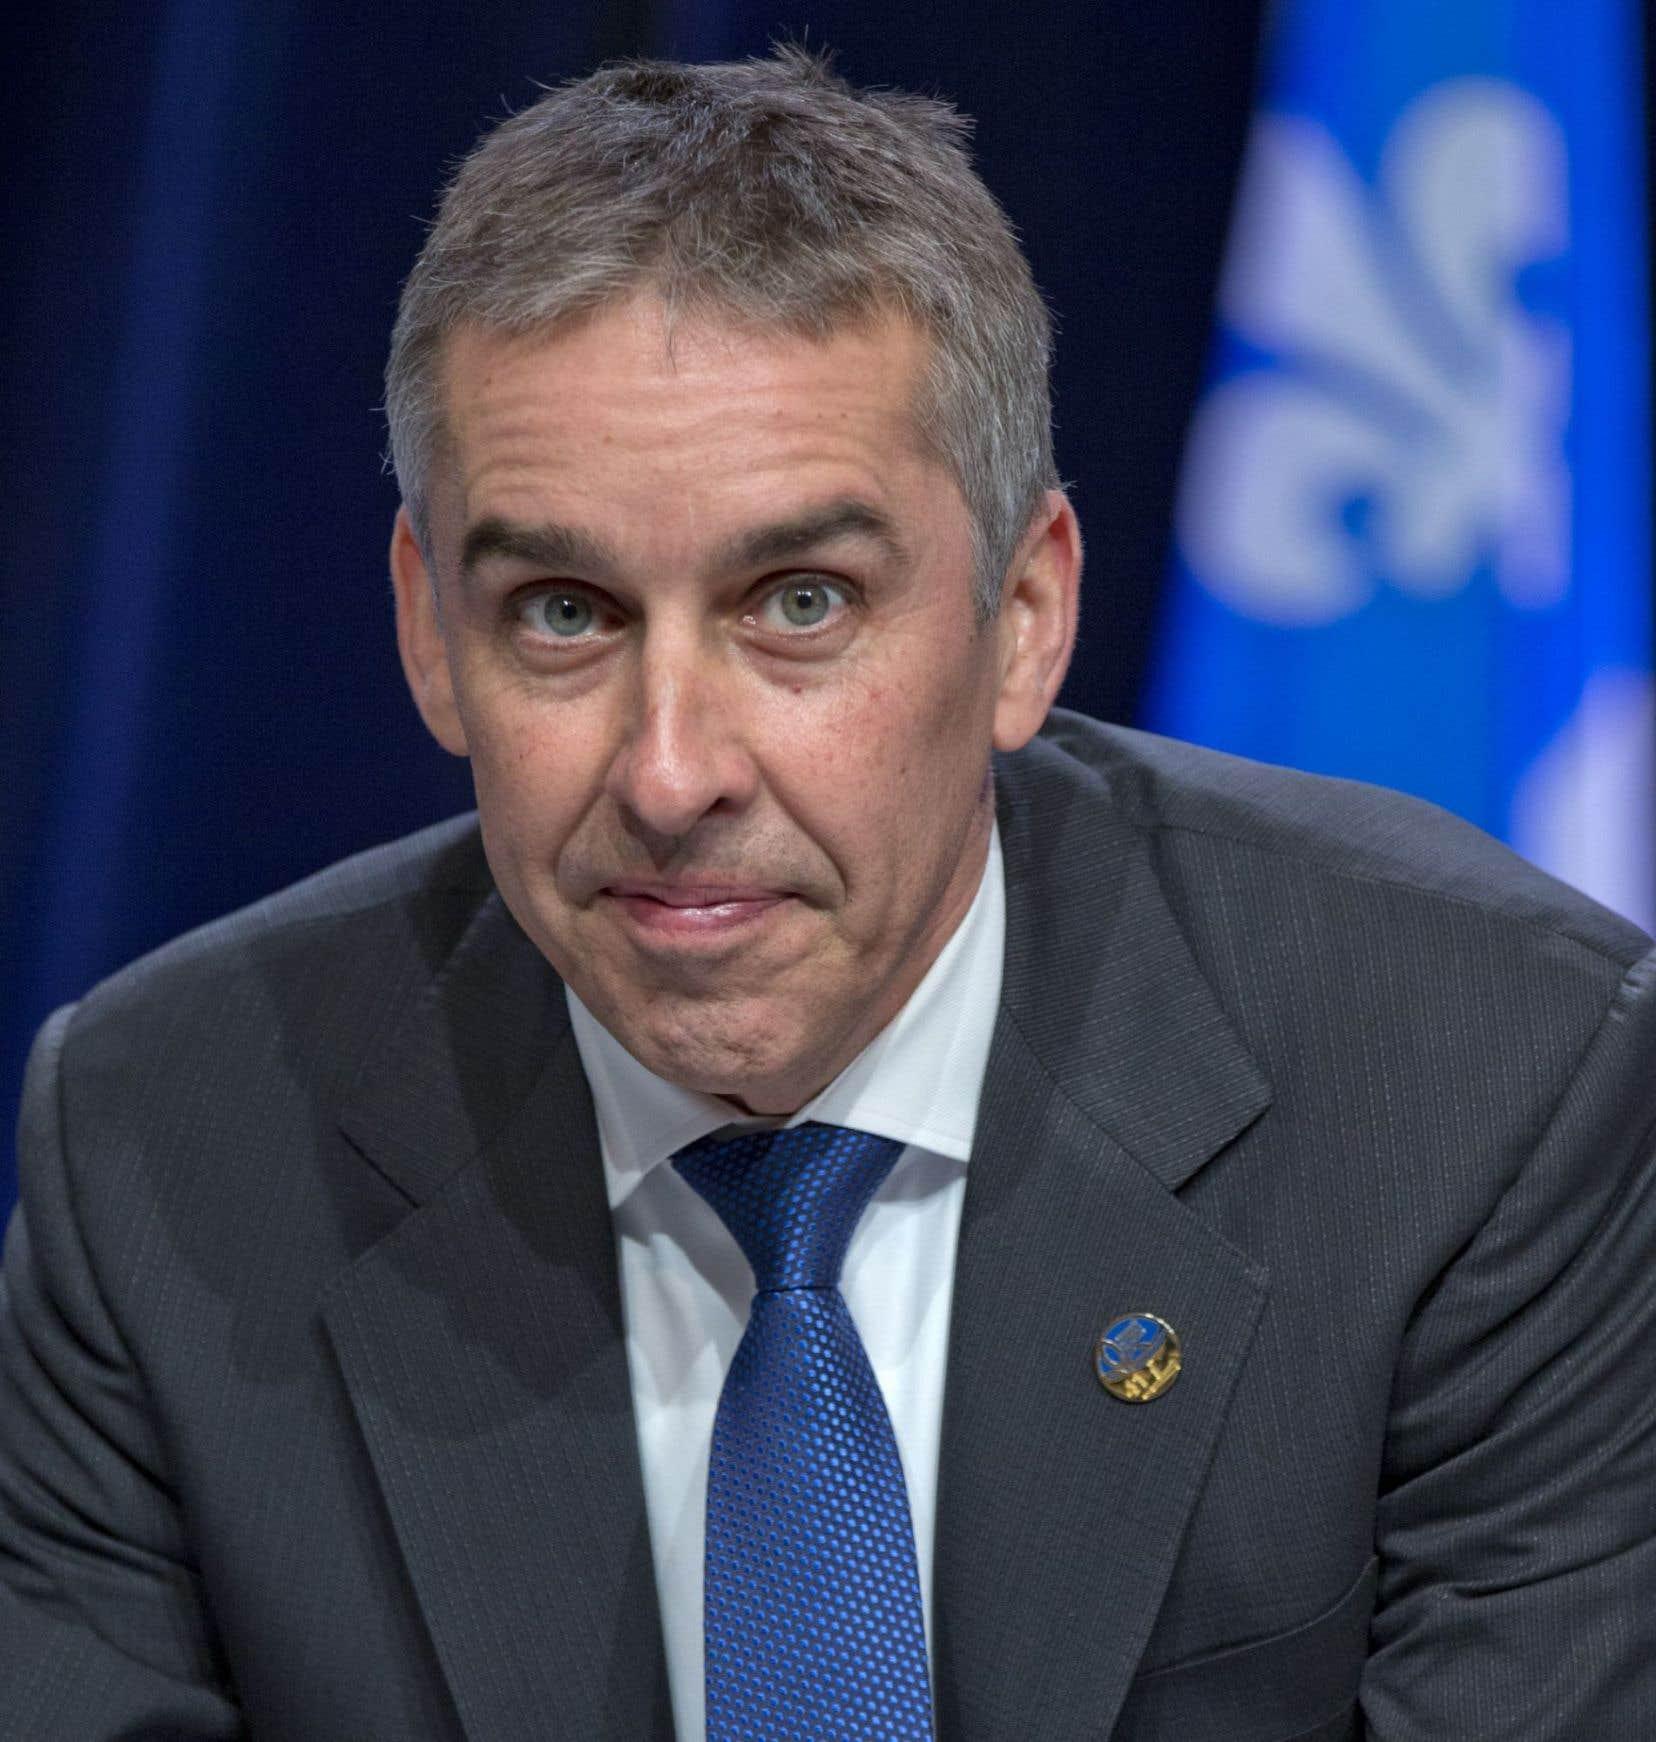 Nicolas Marceau, ex-ministre des Finances du dernier gouvernement péquiste, a affirmé qu'il est demeuré neutre tout en exerçant ses fonctions.